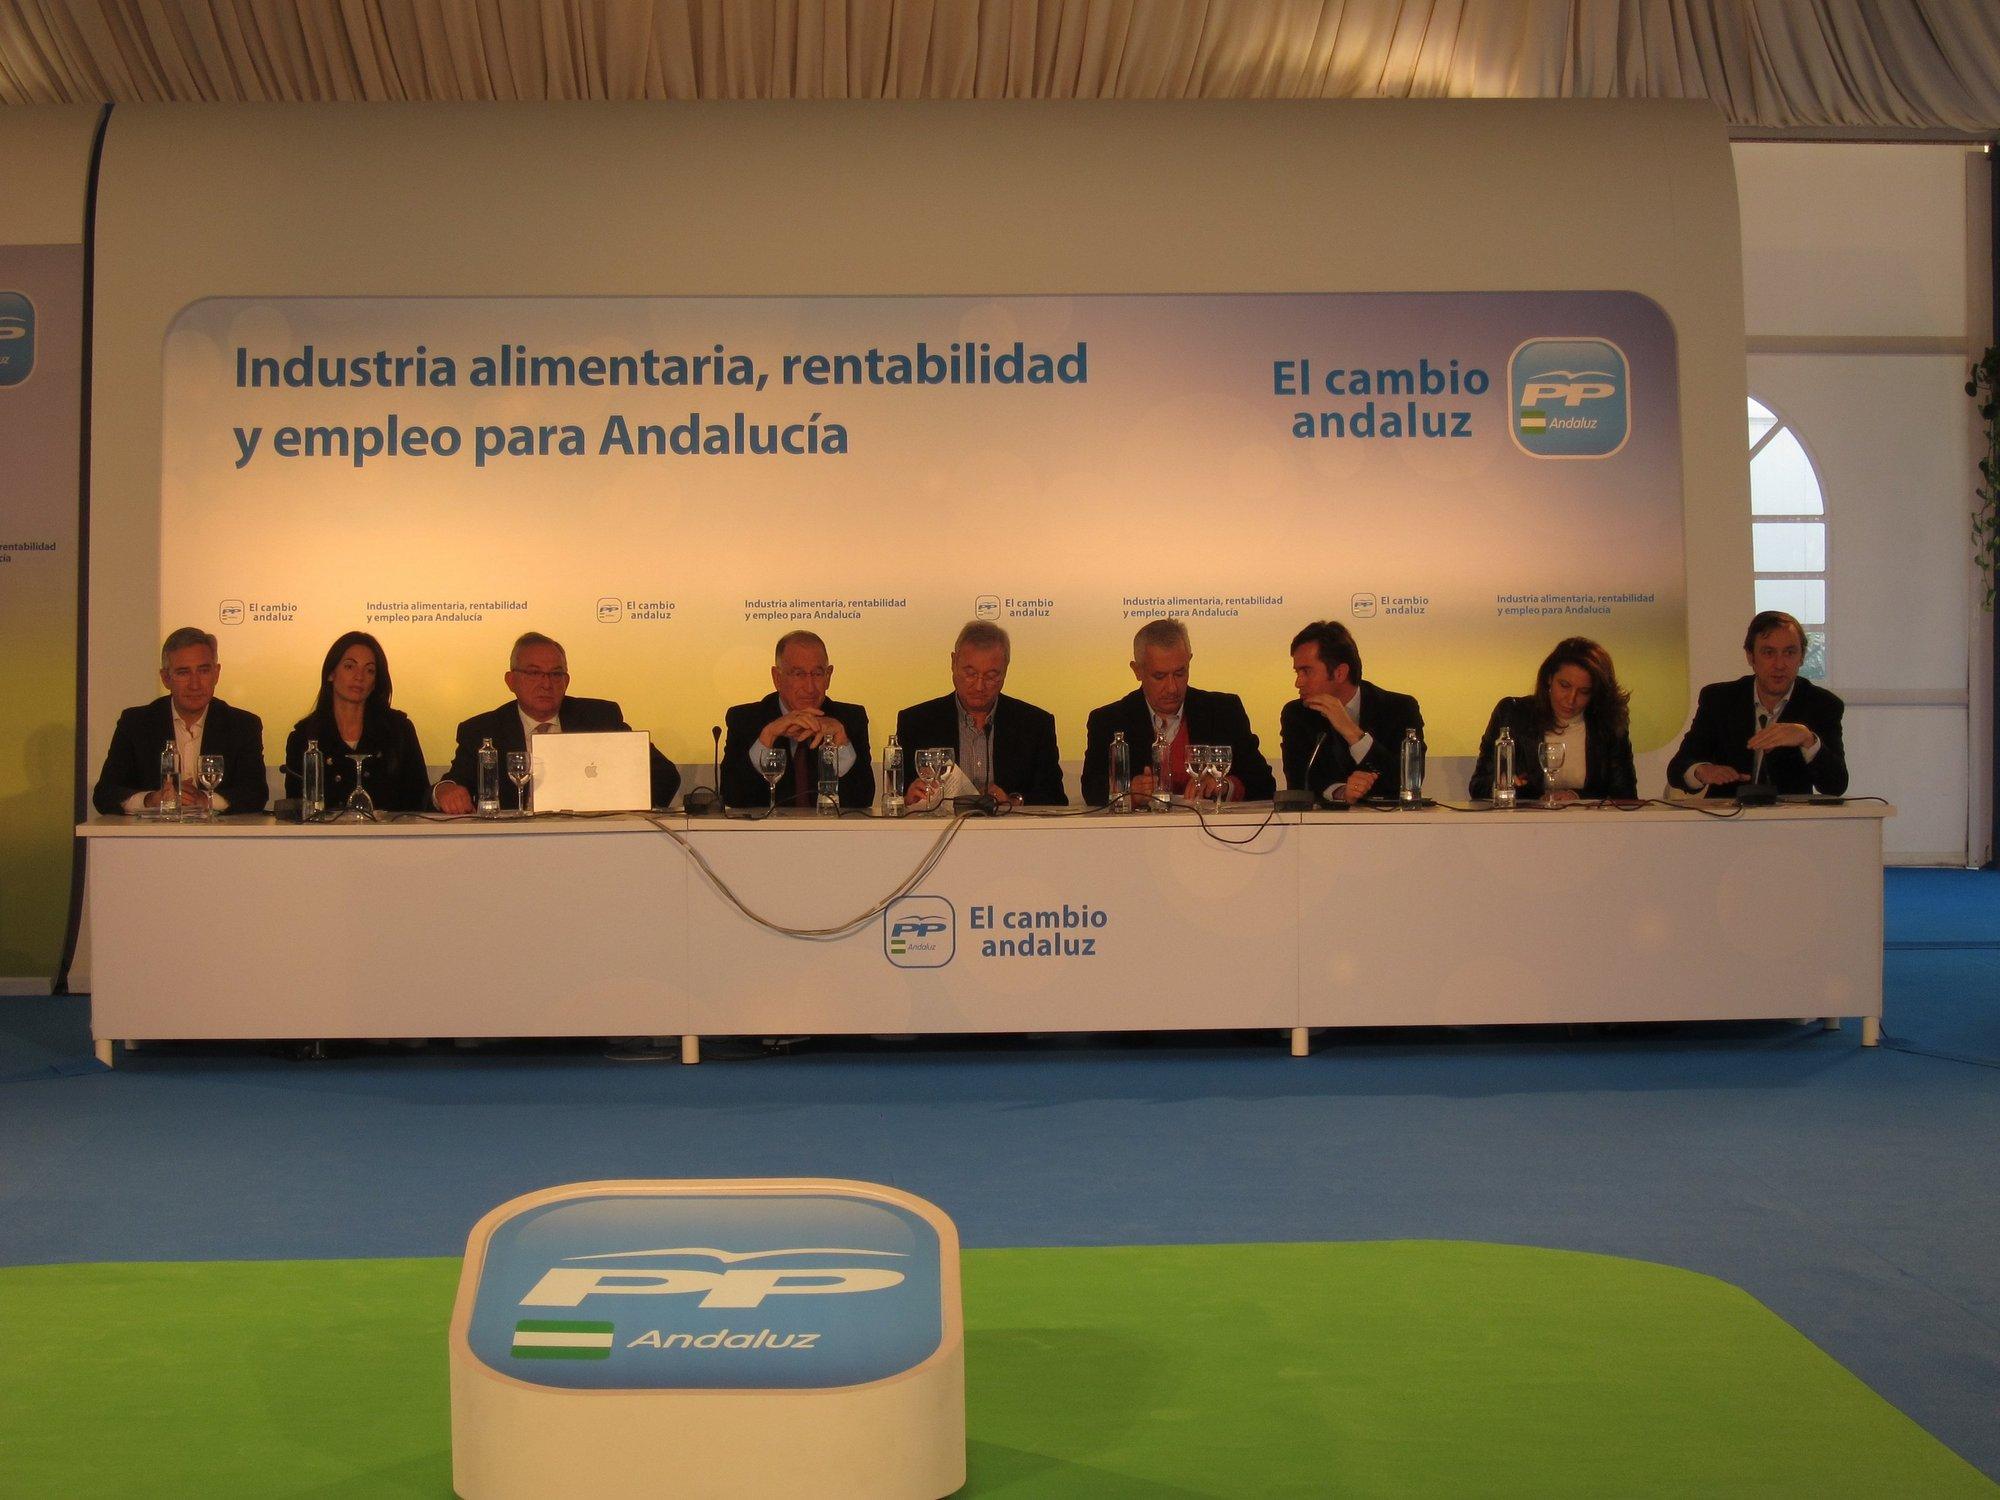 Arenas llama a defender «con uñas y dientes» la agricultura, que es «nuestra mejor economía sostenible»